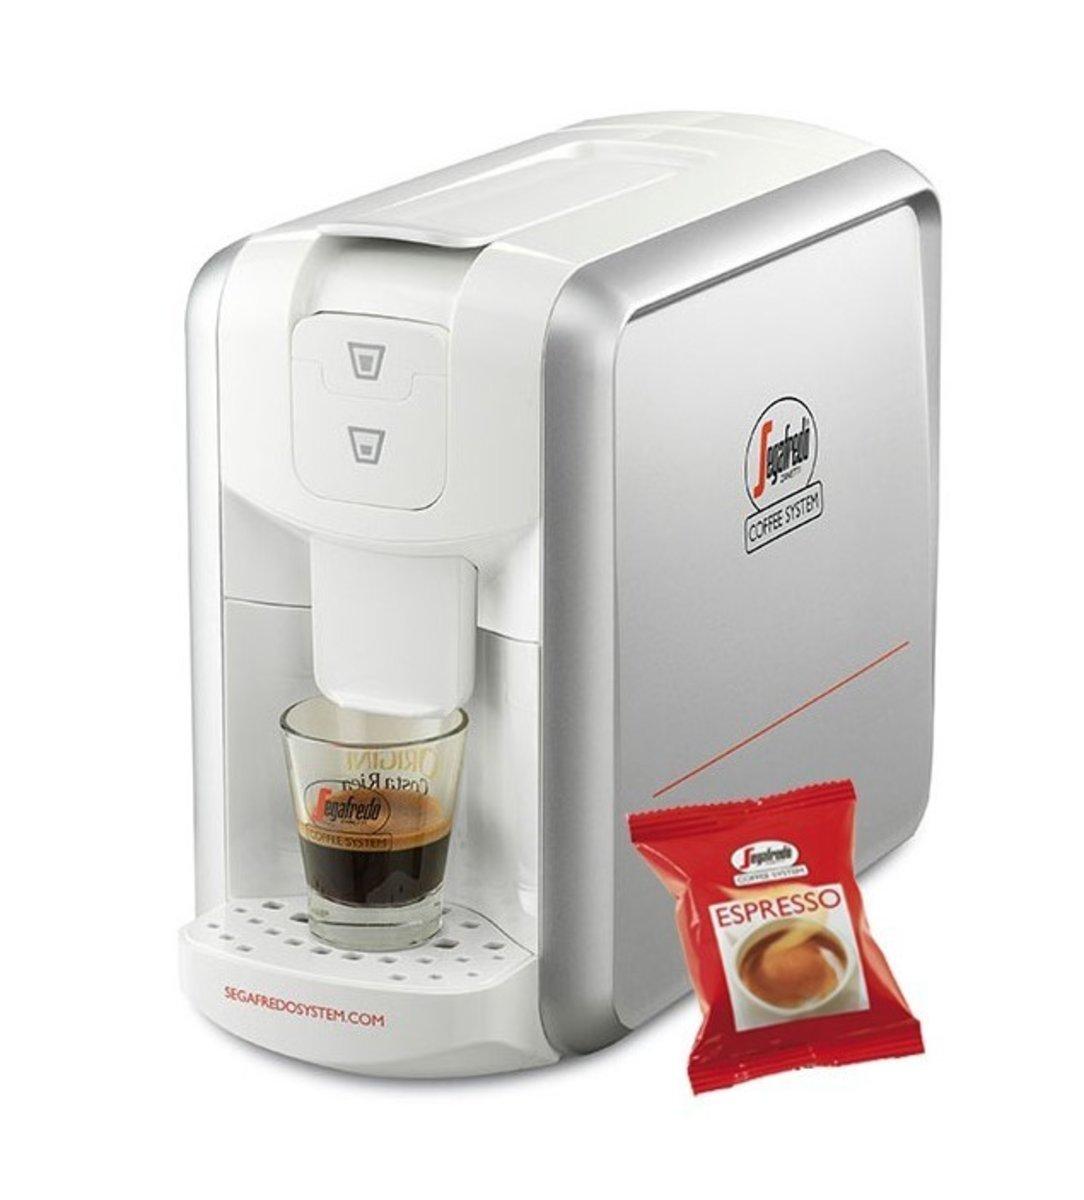 Espresso 1 Coffee Capsule Machine (Silver White)